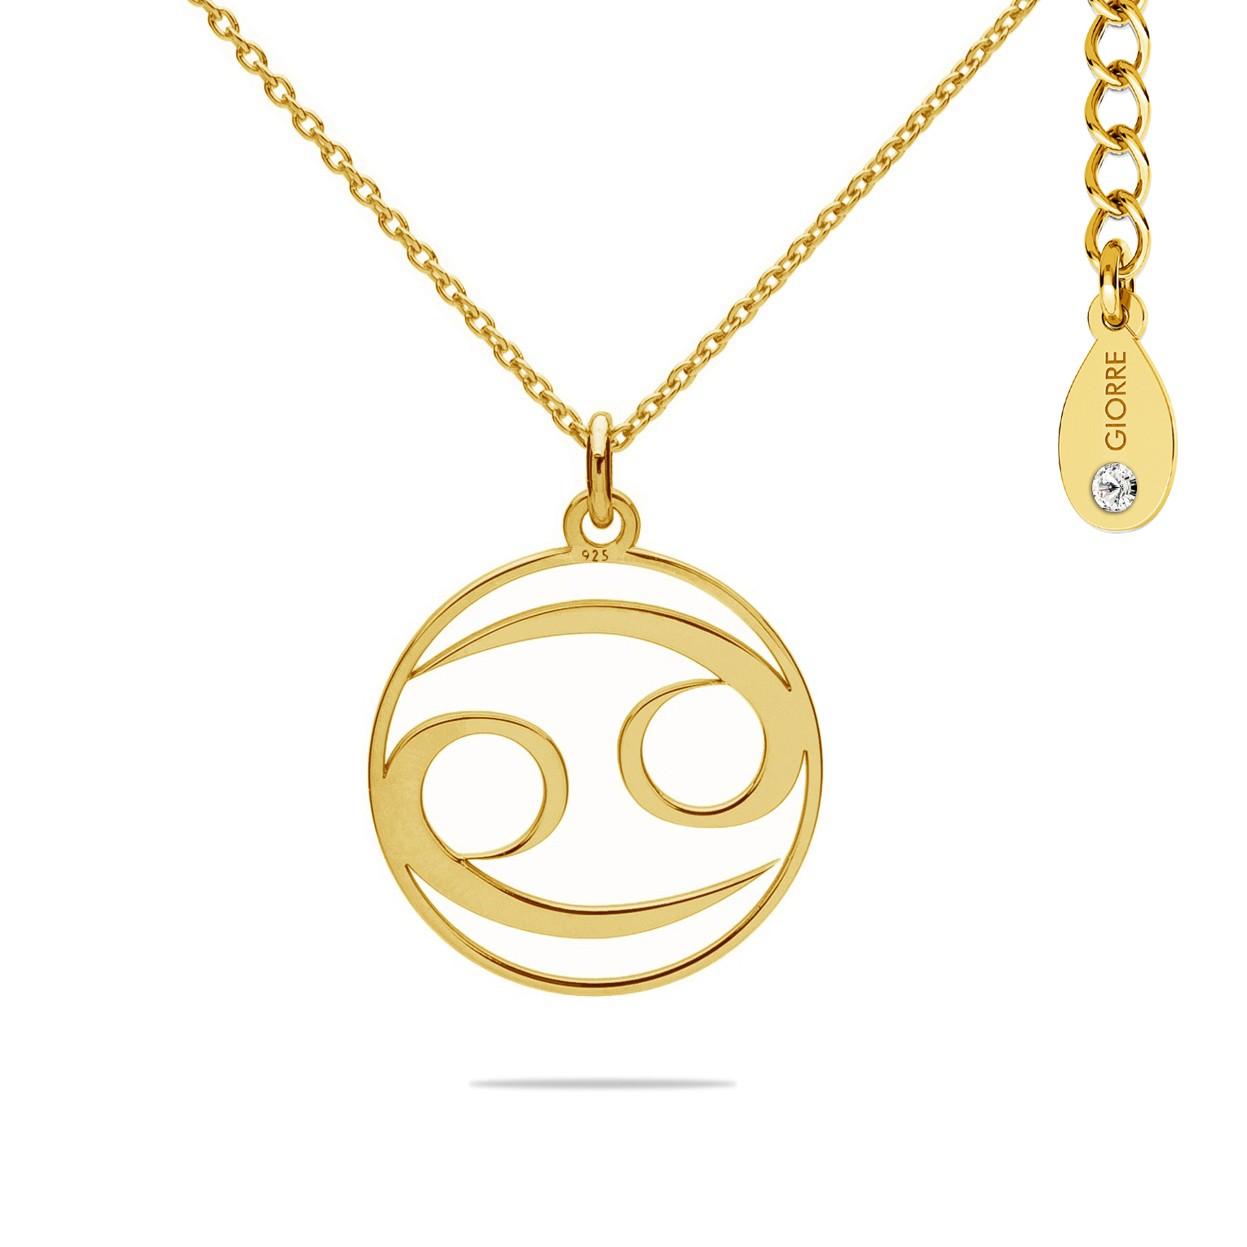 Naszyjnik znak zodiaku RAK 925 celebrytka